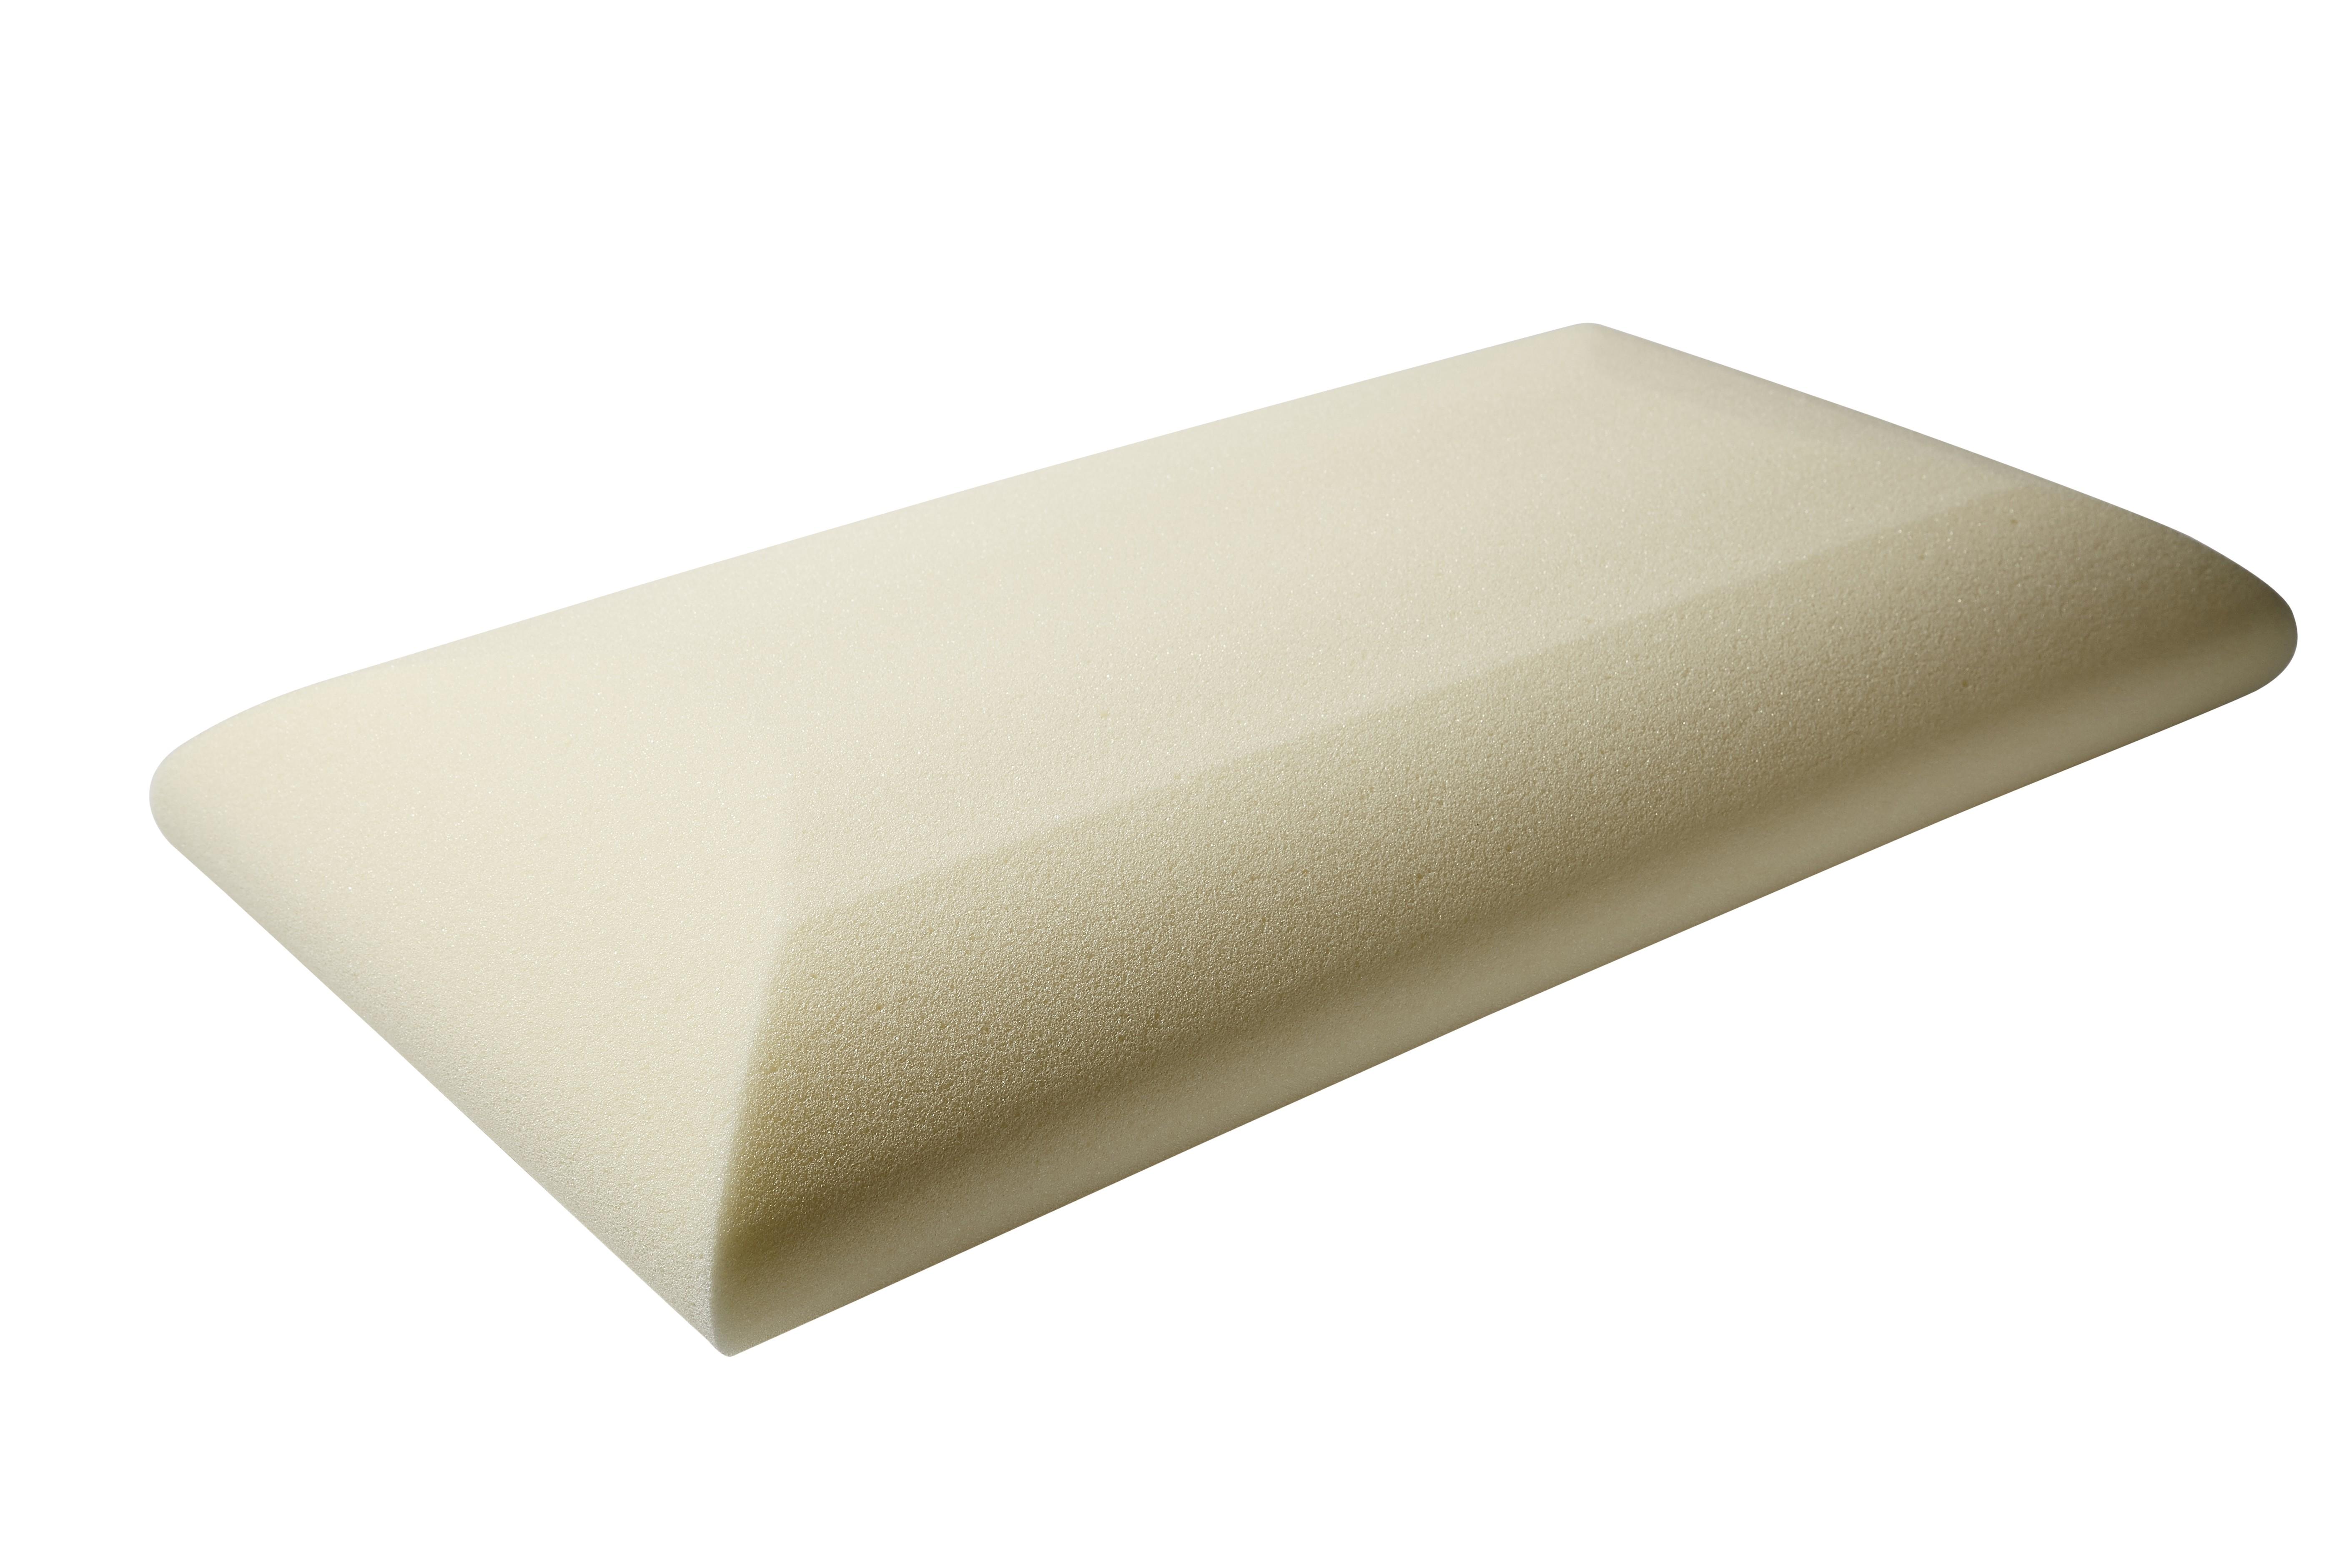 Makin mattresses pillows